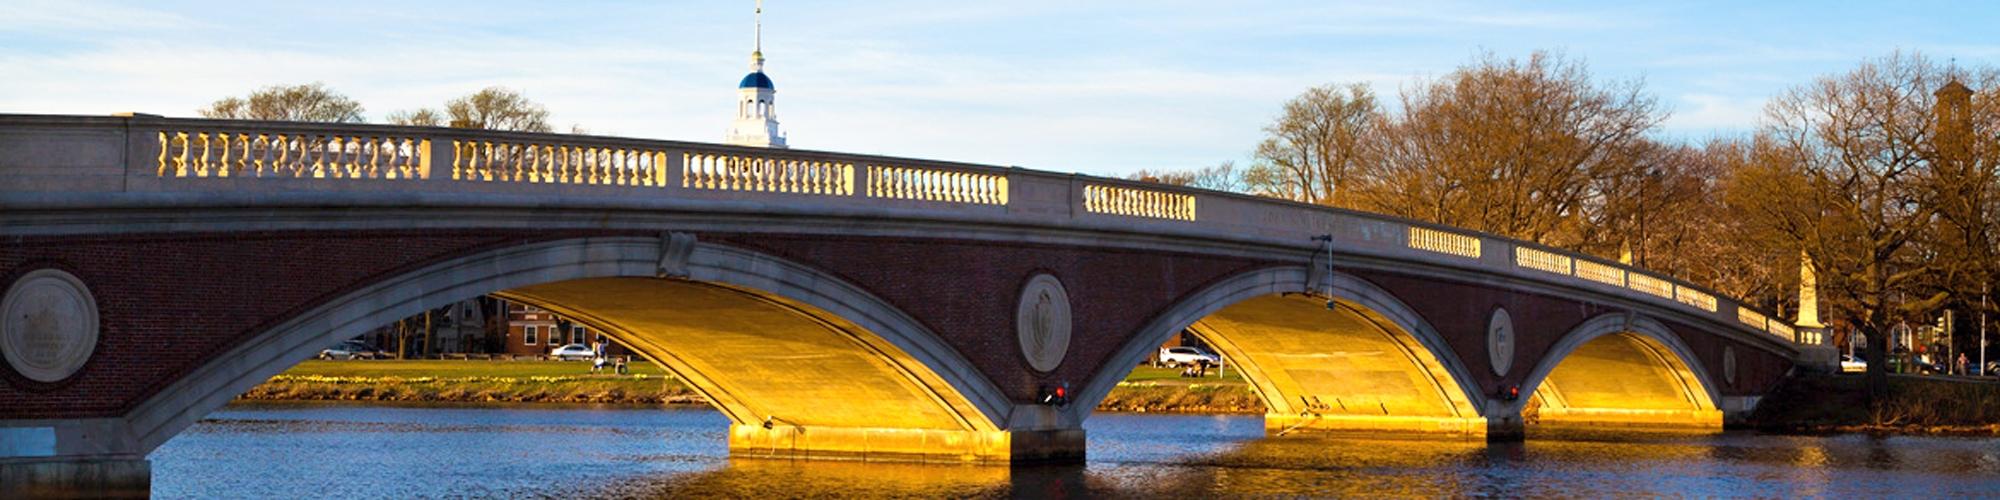 bridge 2000_jpg